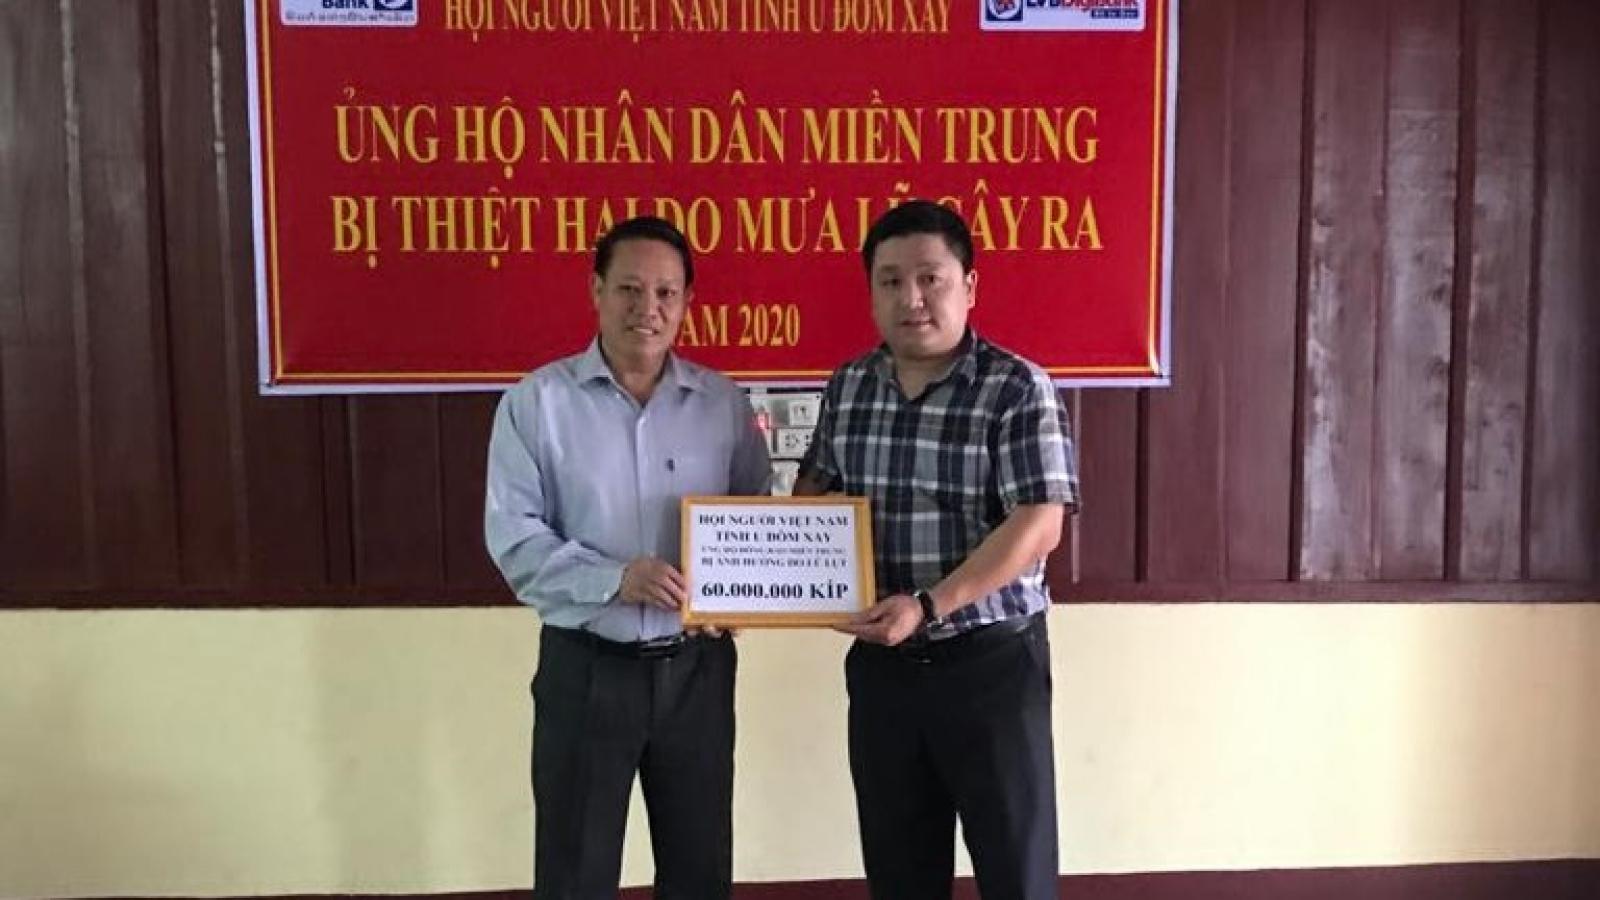 Cộng đồng người Việt Nam tại Bắc Lào ủng hộ đồng bào vùng lũ miền Trung